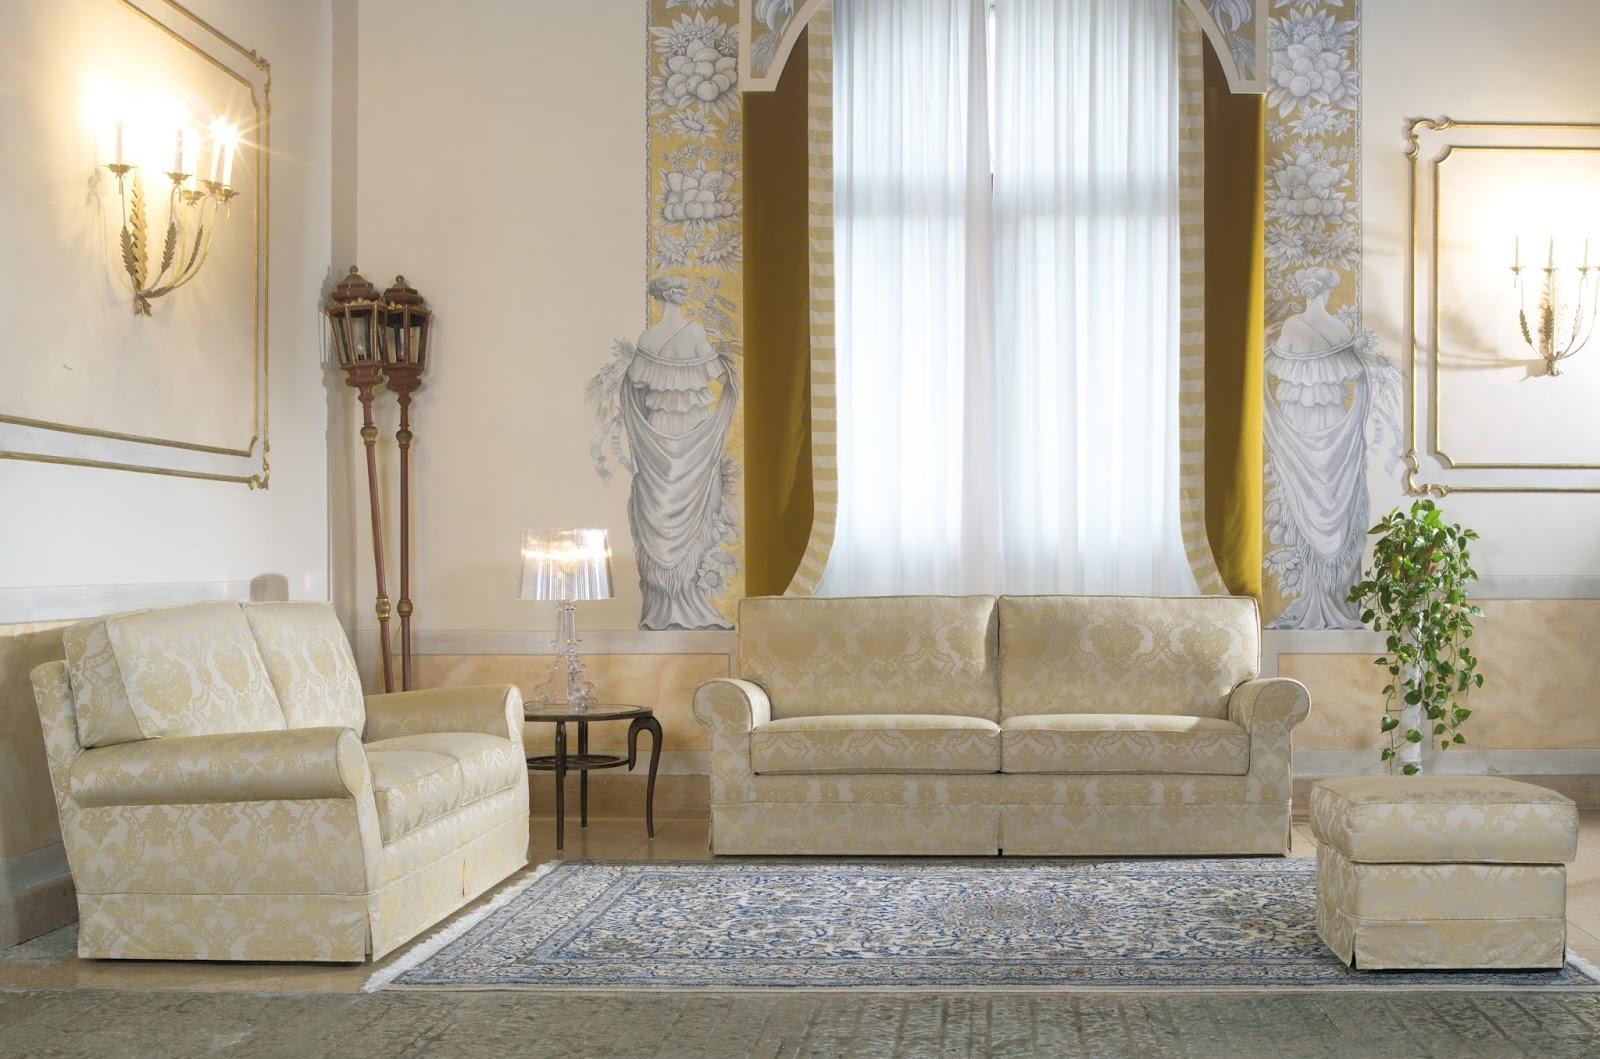 Divani blog tino mariani acquista un divano artigianale for Divani in vendita